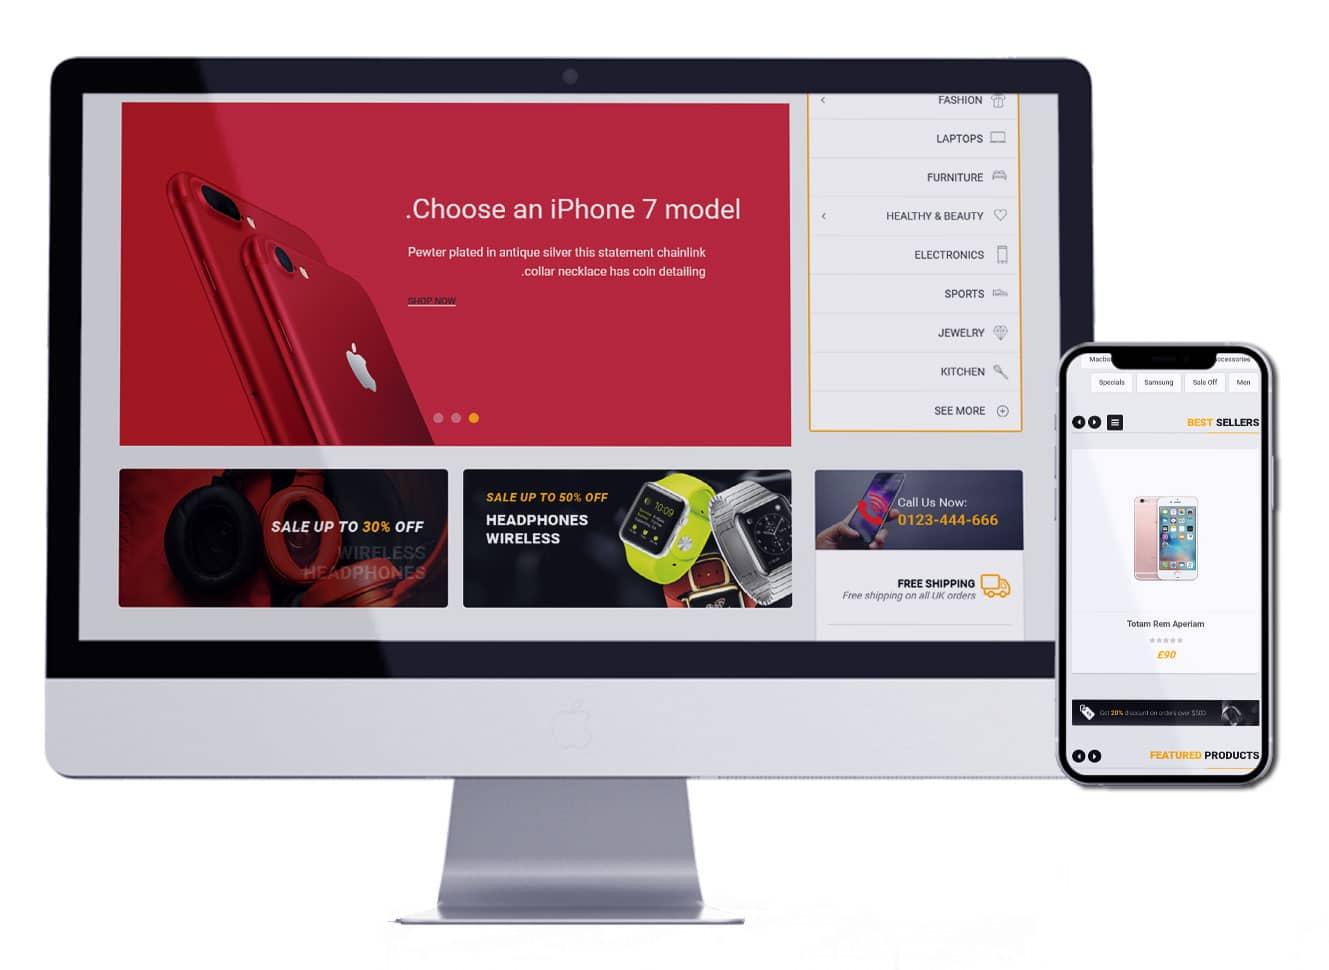 تصميم متجر لبيع المنتجات الالكترونية | تصميم متجر الكتروني